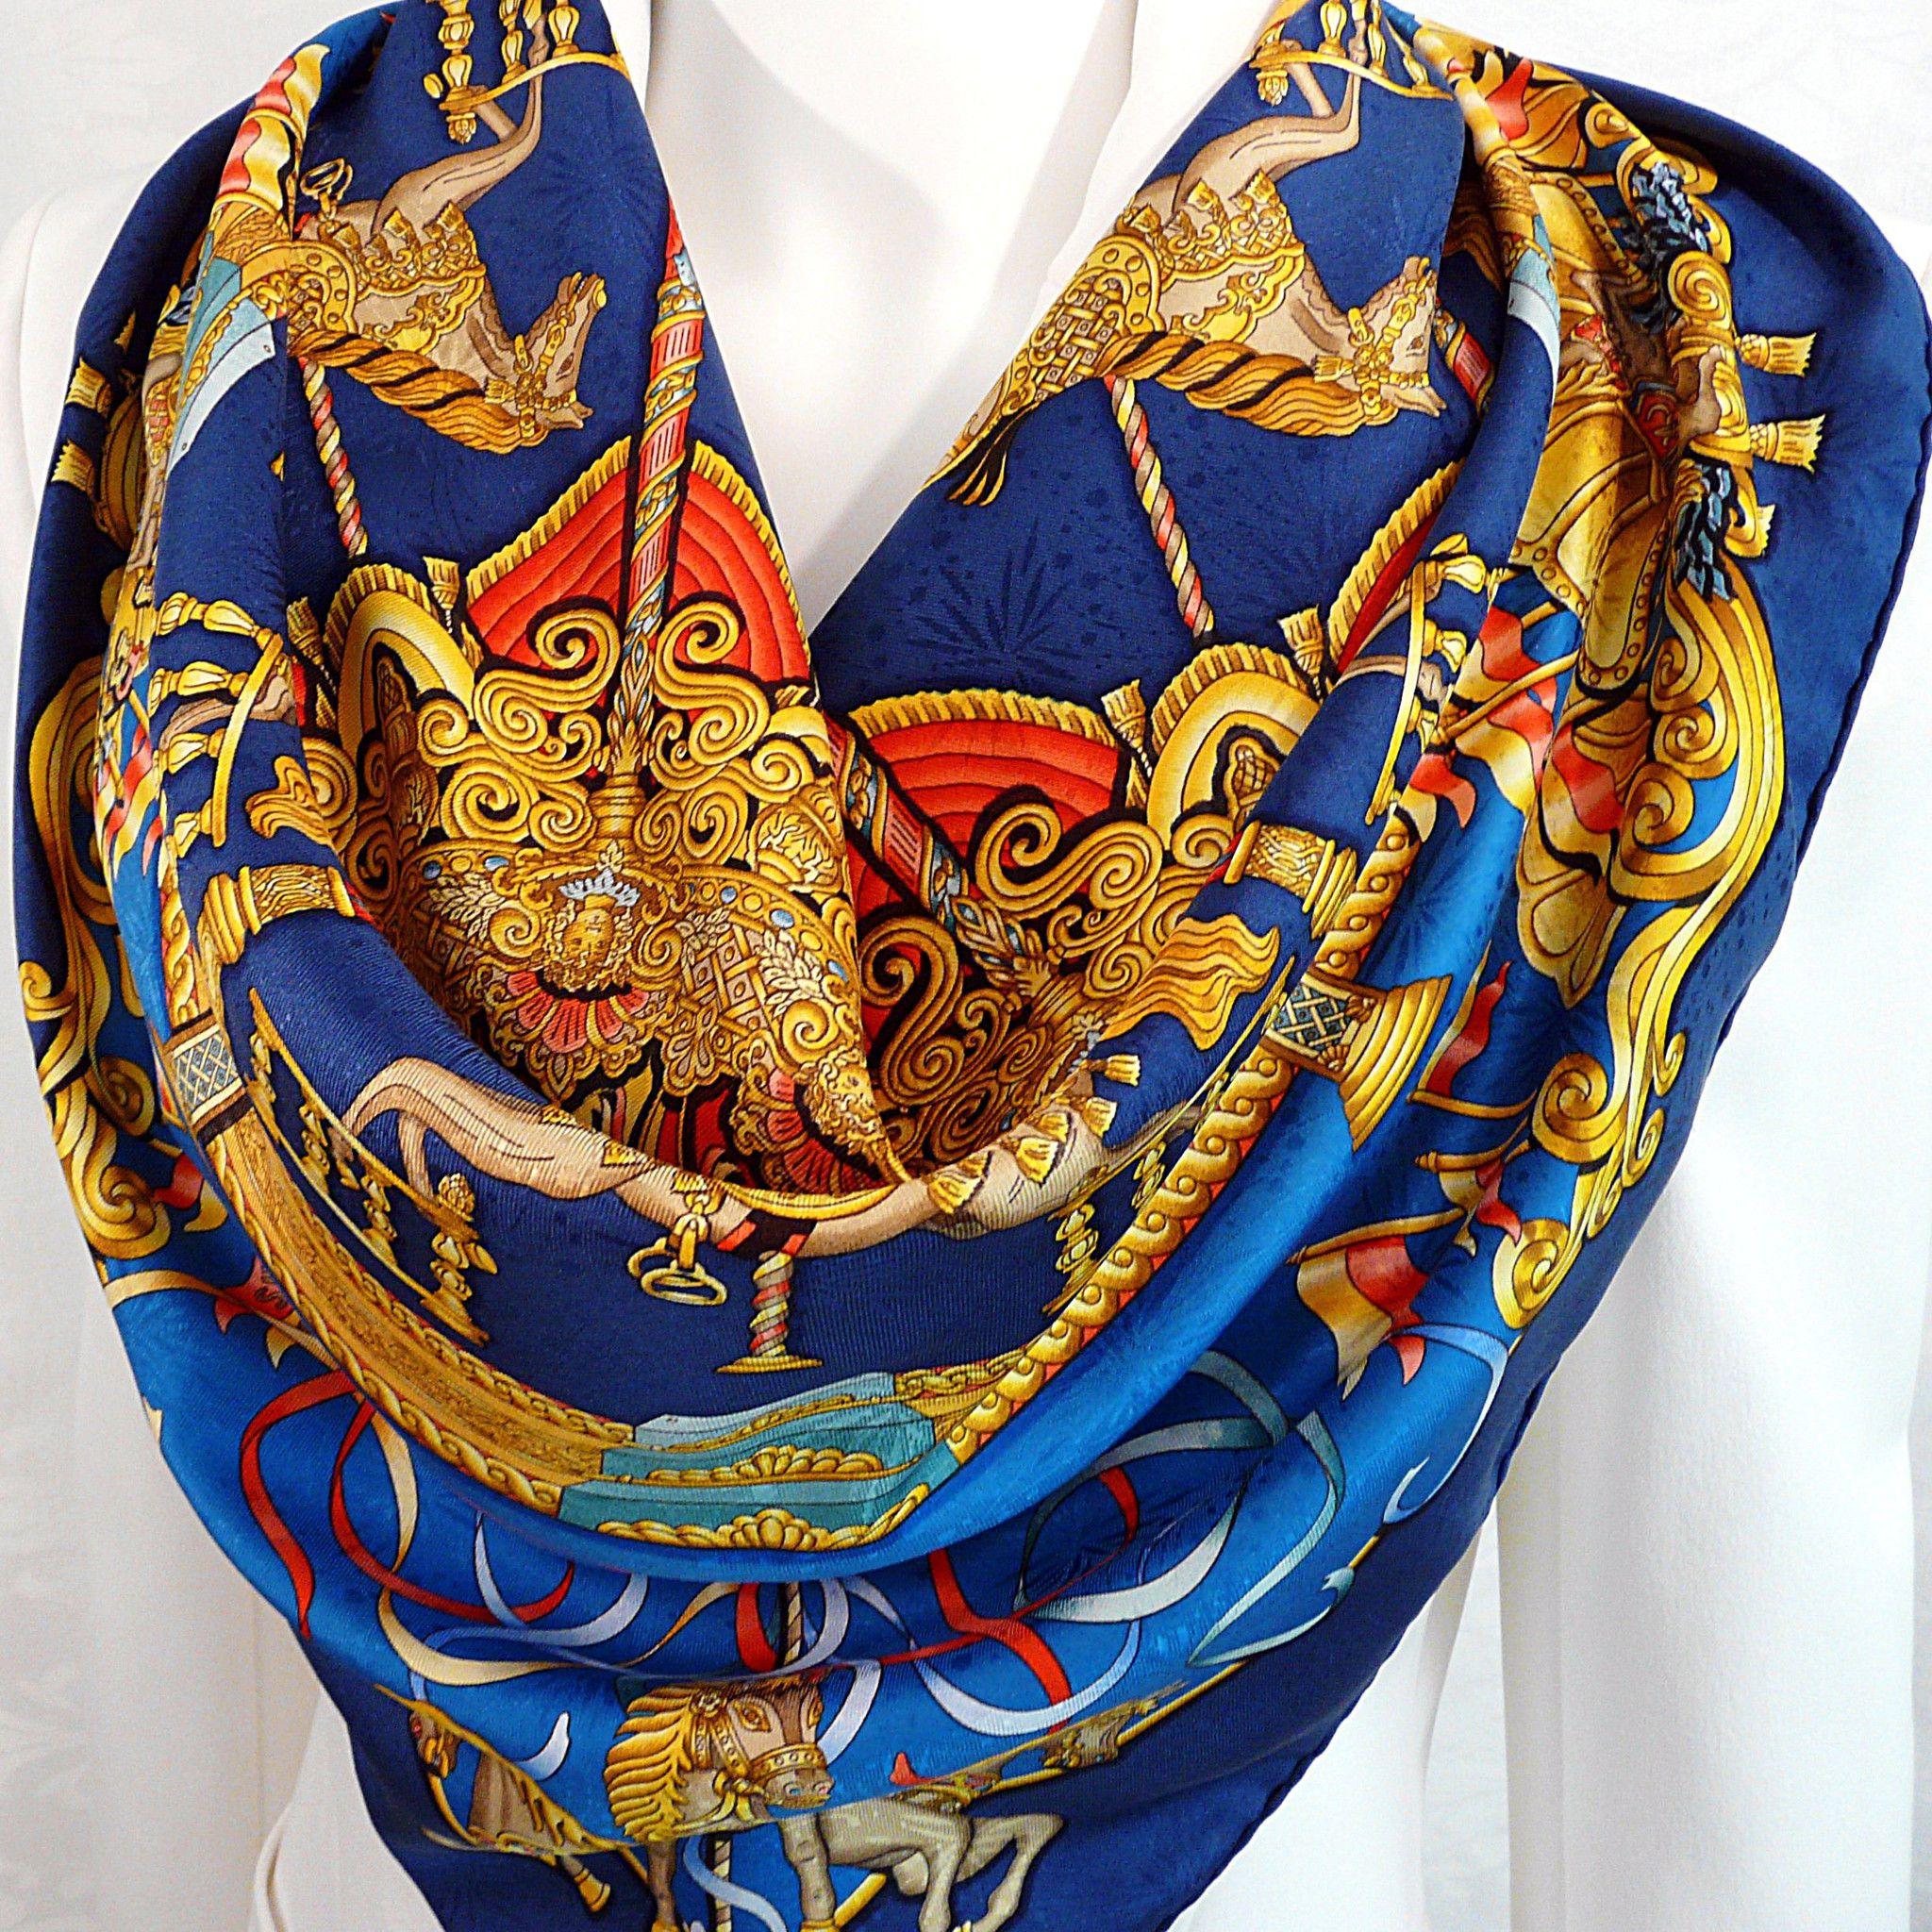 Authentic Vintage Hermes Silk Jacquard Scarf Luna Park by Joachim Metz Blues